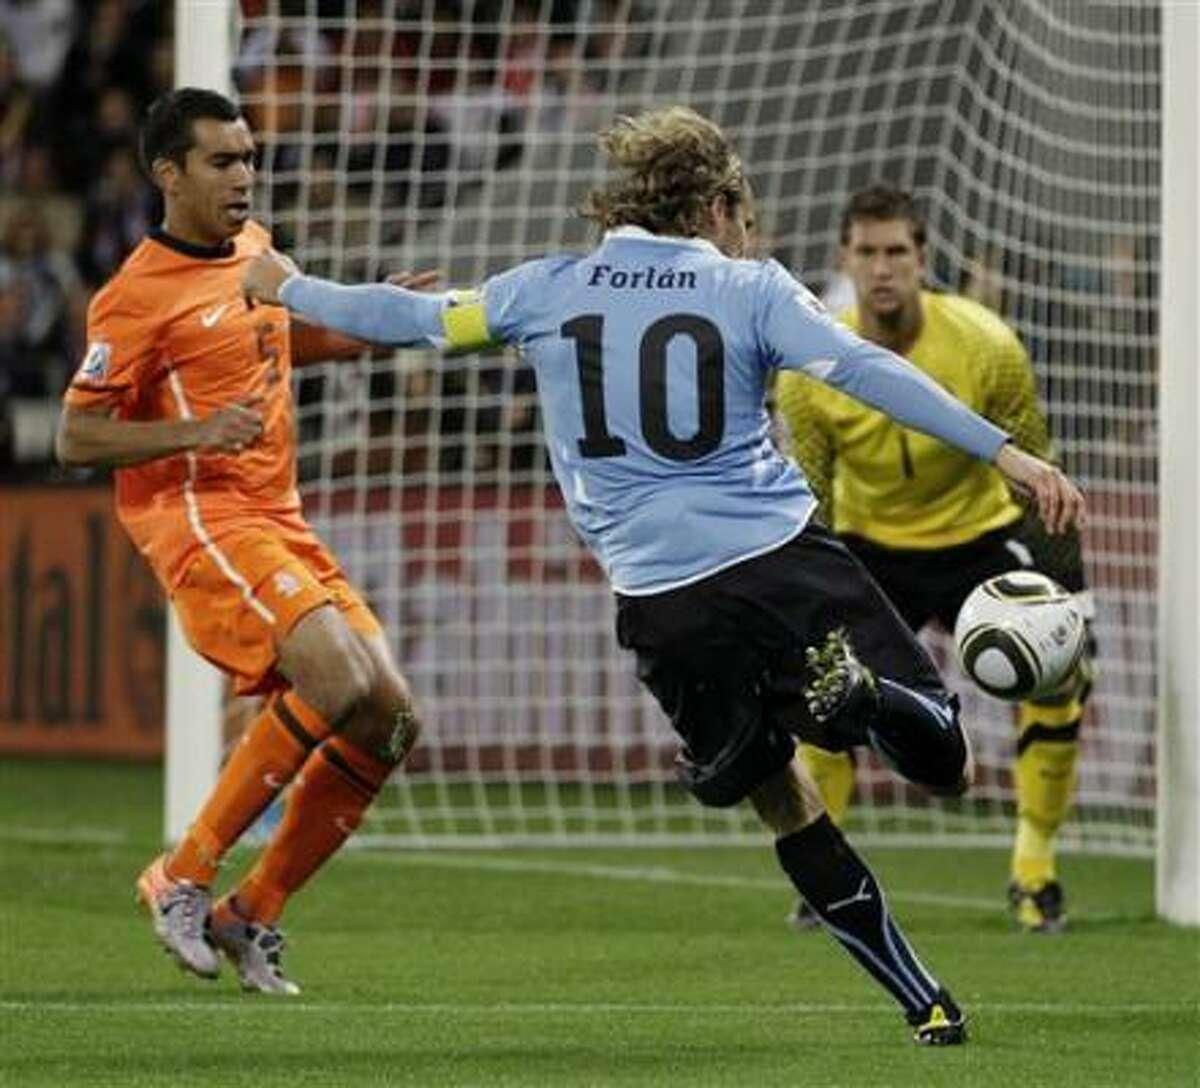 El jugador de Uruguay Diego Forlán, centro, remata al arco en el partido de semifinales de la Copa del Mundo contra Holanda, el martes 6 de julio de 2010, en el estadio Green Point de Ciudad del Cabo, Sudáfrica.